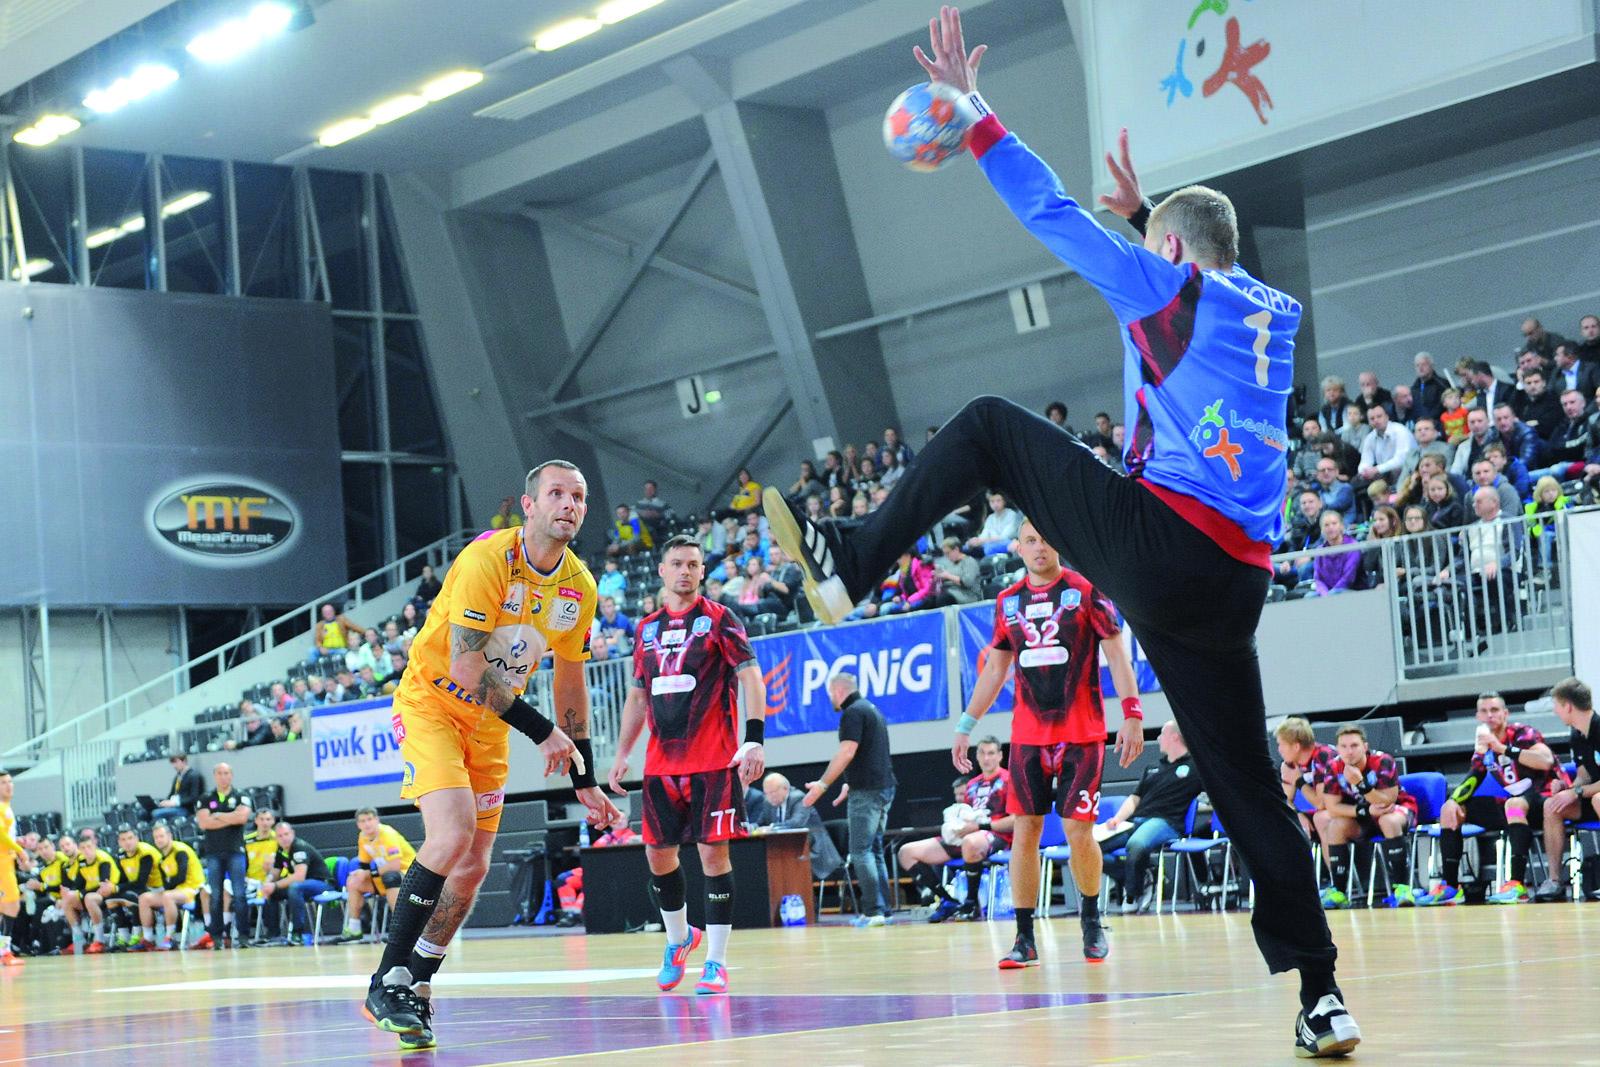 Asy Vive Tauron Kielce, jak np. Grzegorz Tkaczyk przyciągają komplety kibiców na trybuny Areny Legionowo.